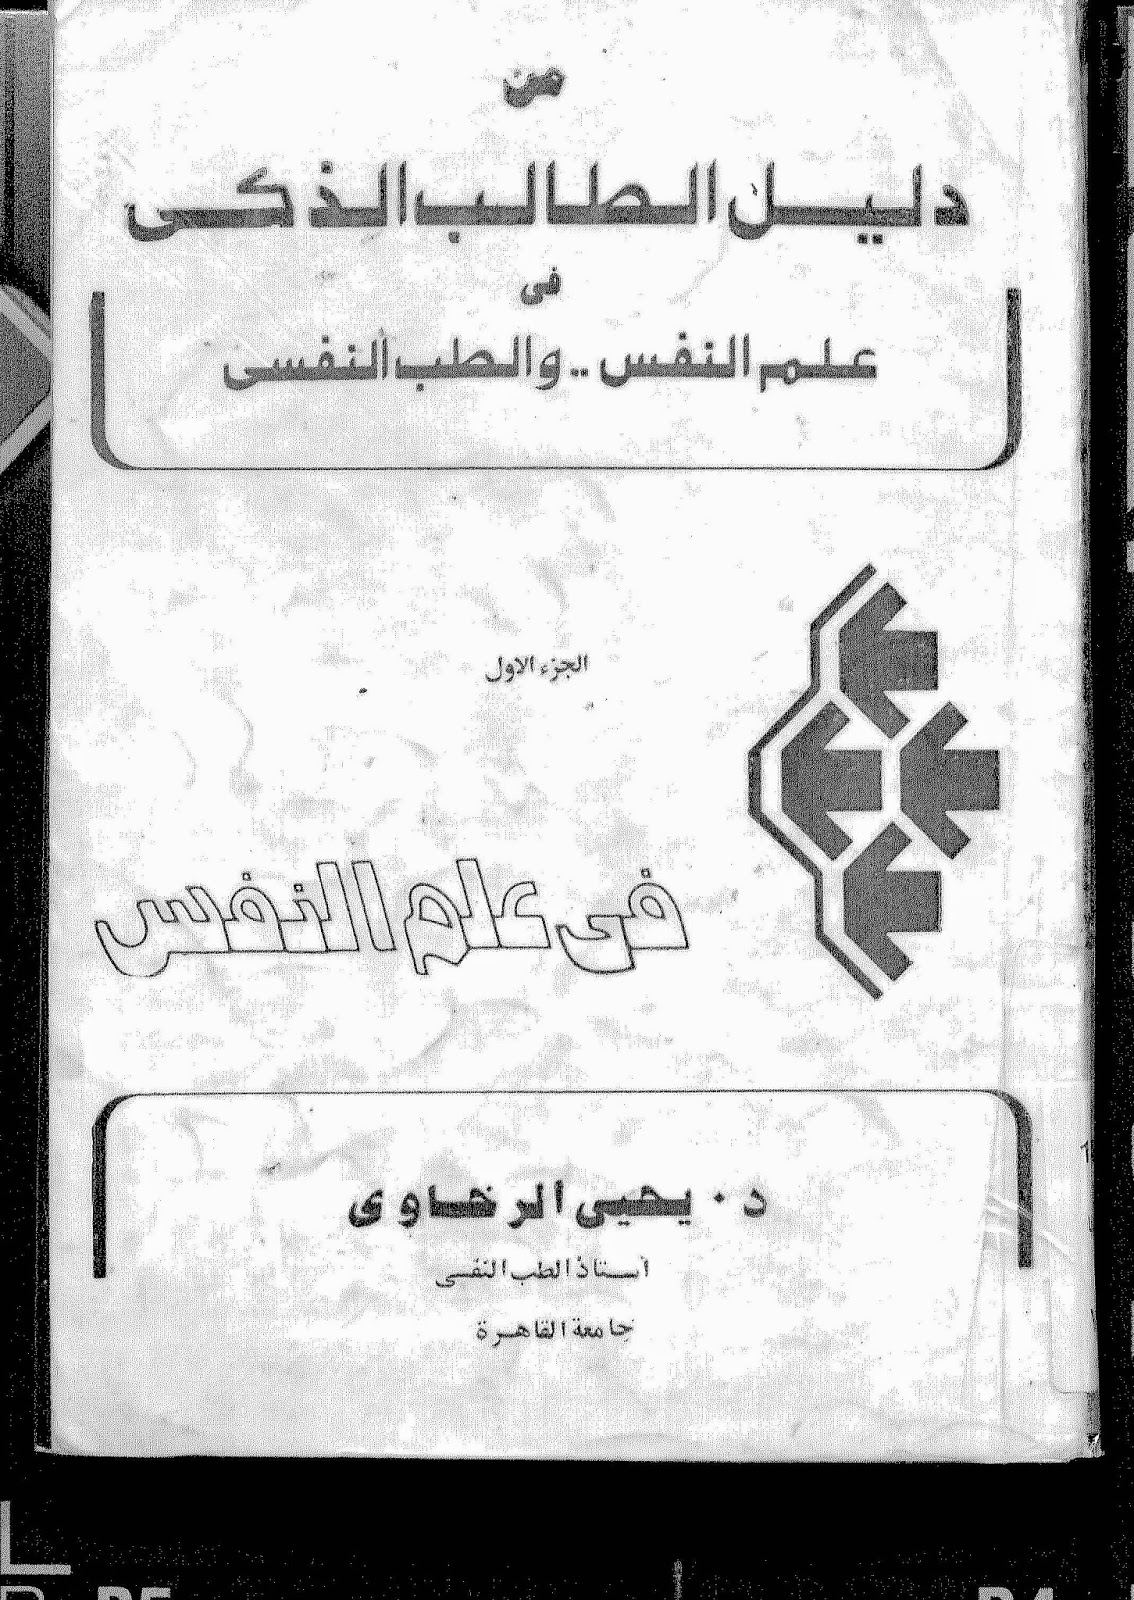 كتاب من دليل الطالب الذكي في علم النفس والطب النفسي لـ يحيى الرخاوي